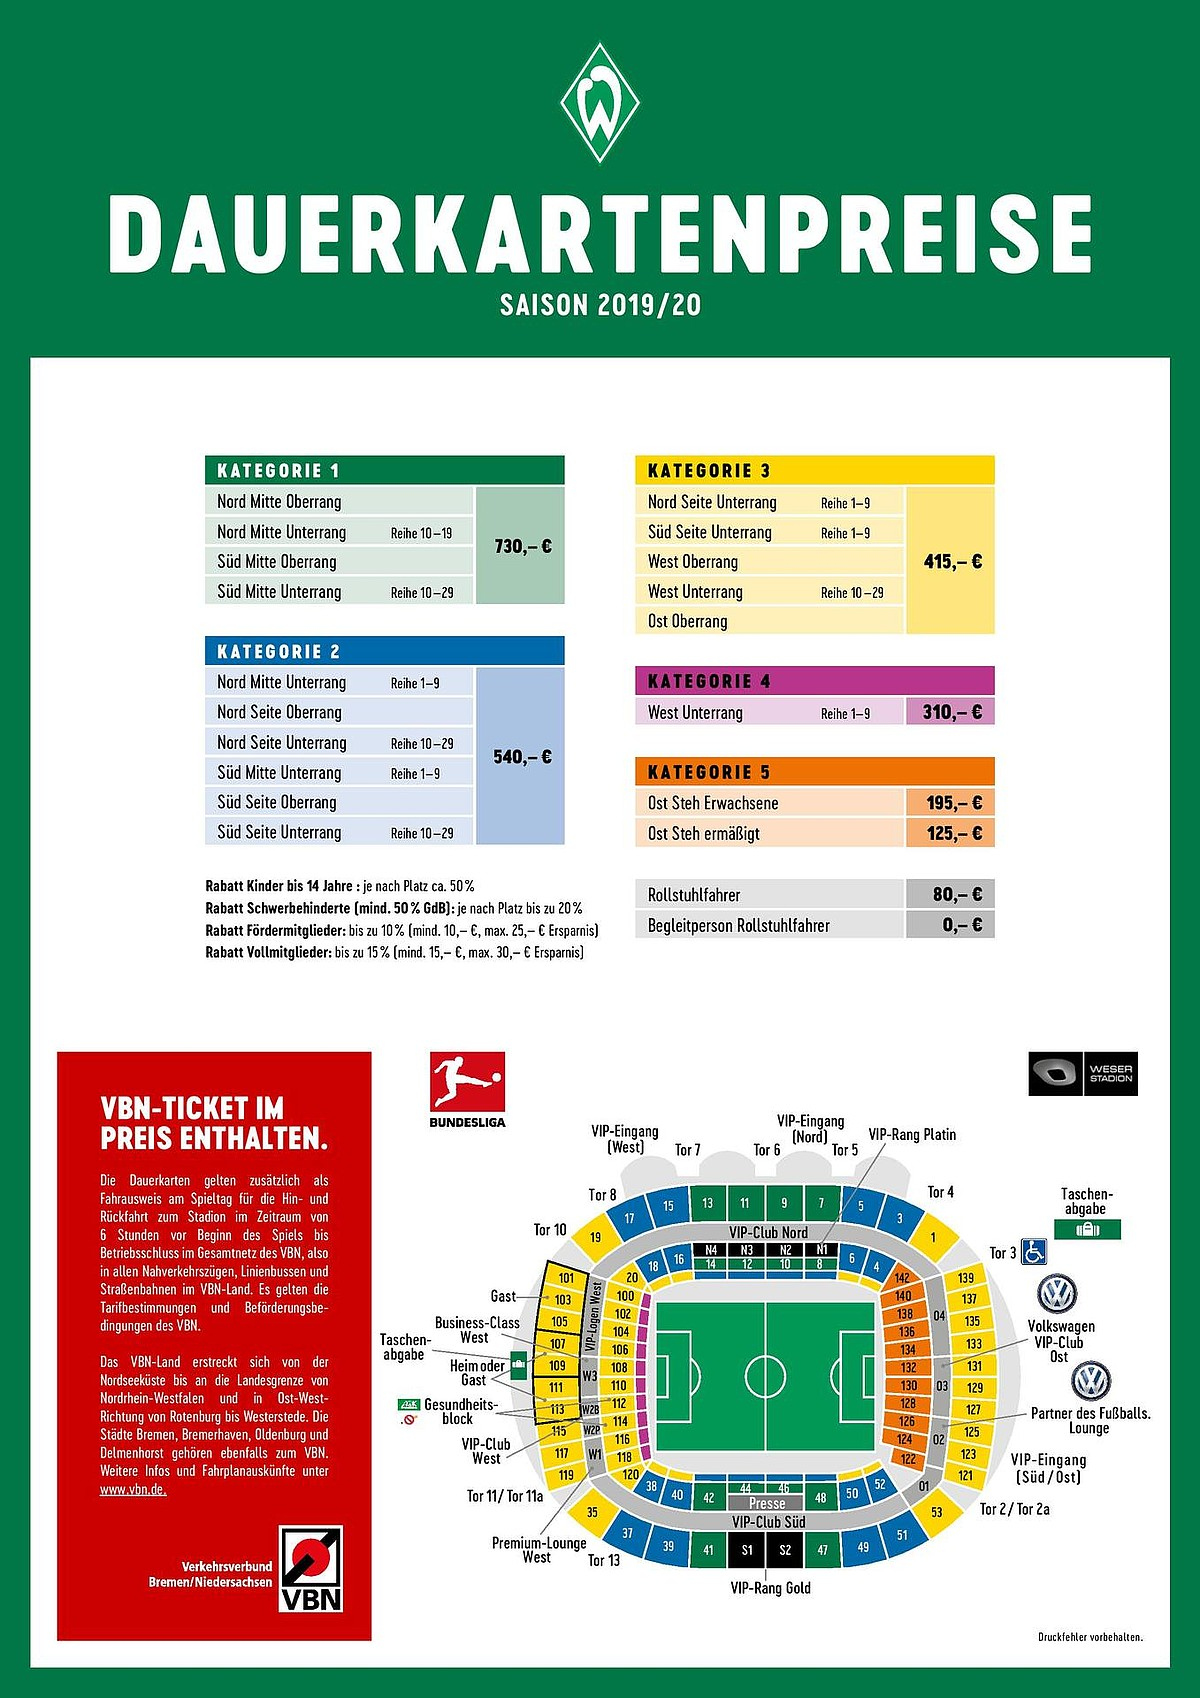 Werder De Tickets